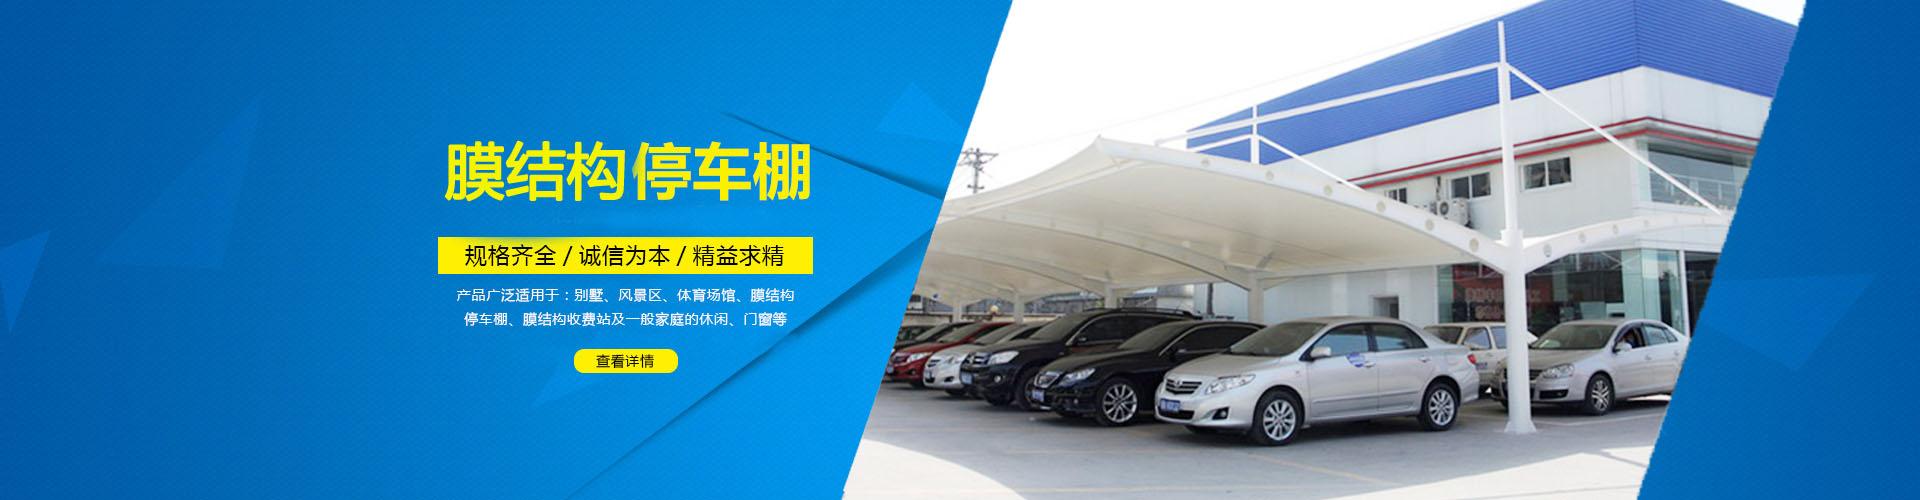 生产厂家各种膜结构停车棚规格齐全